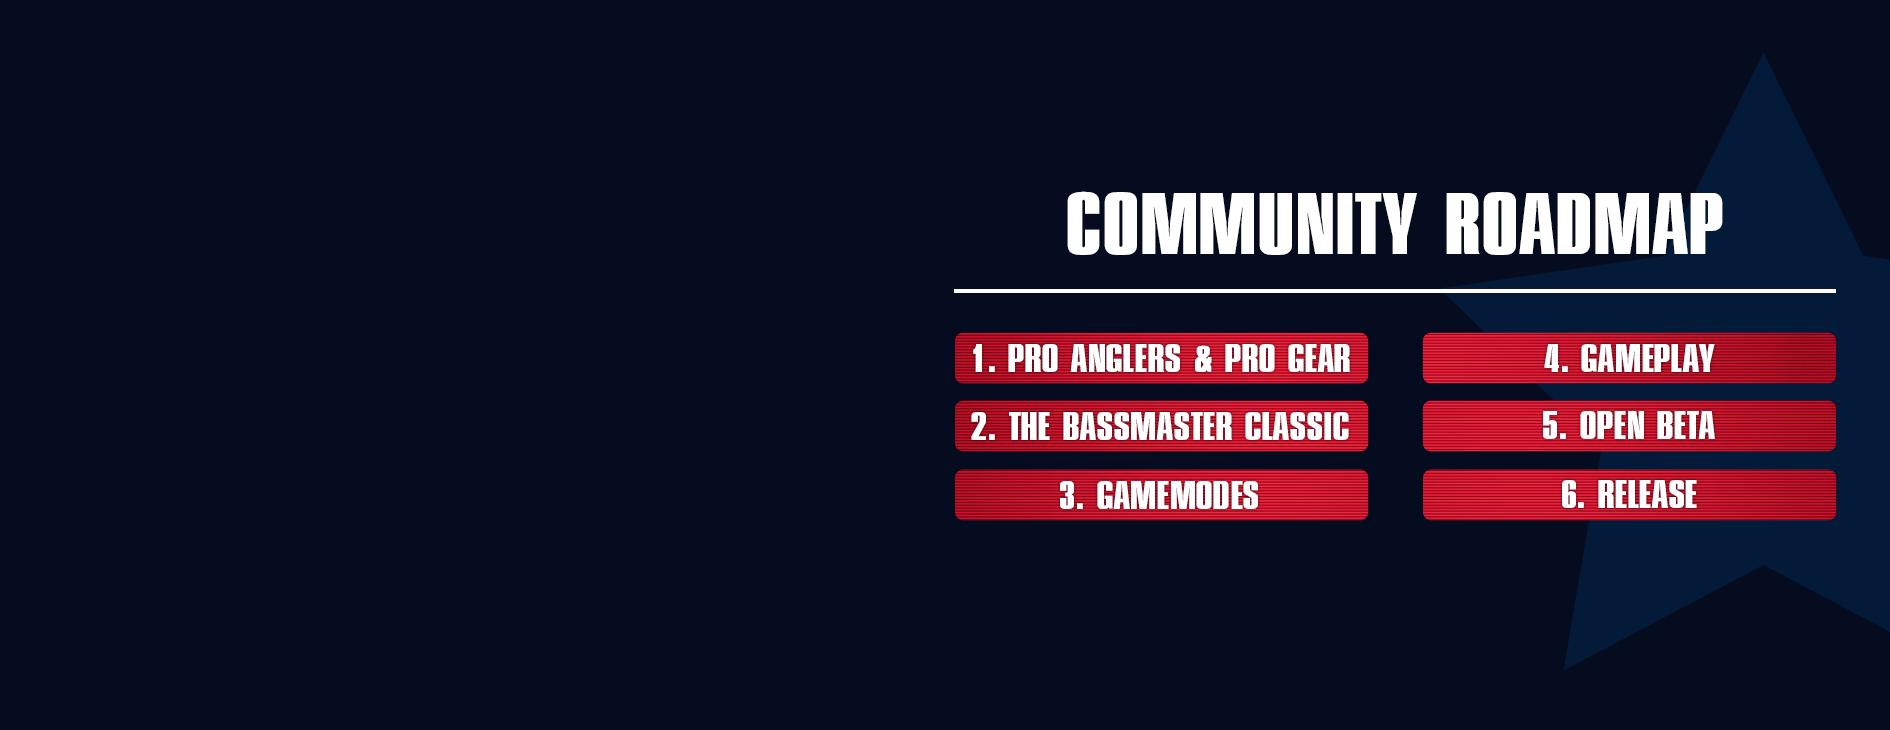 Community Roadmap